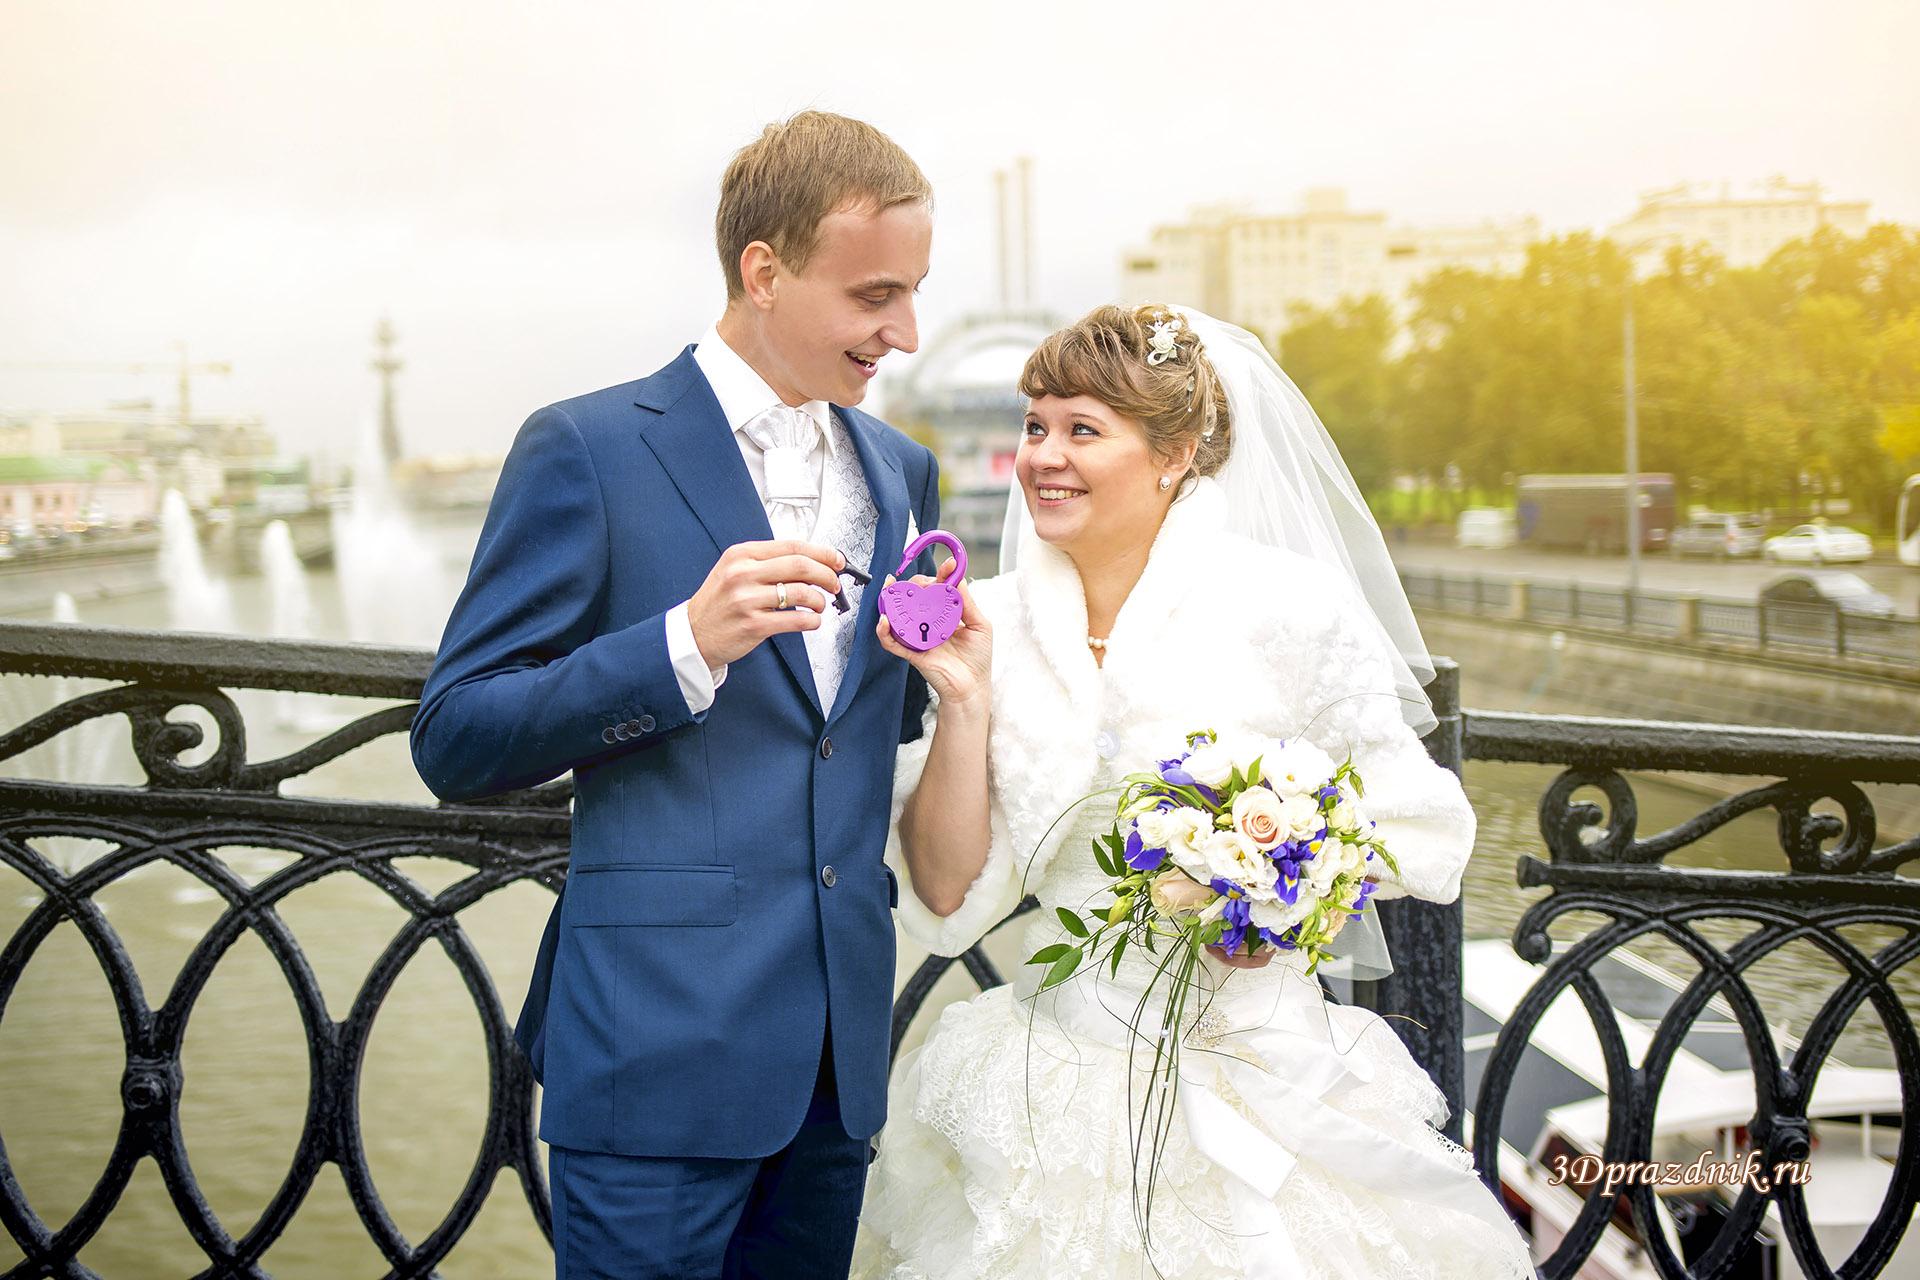 Максим и Светлана замочек любви